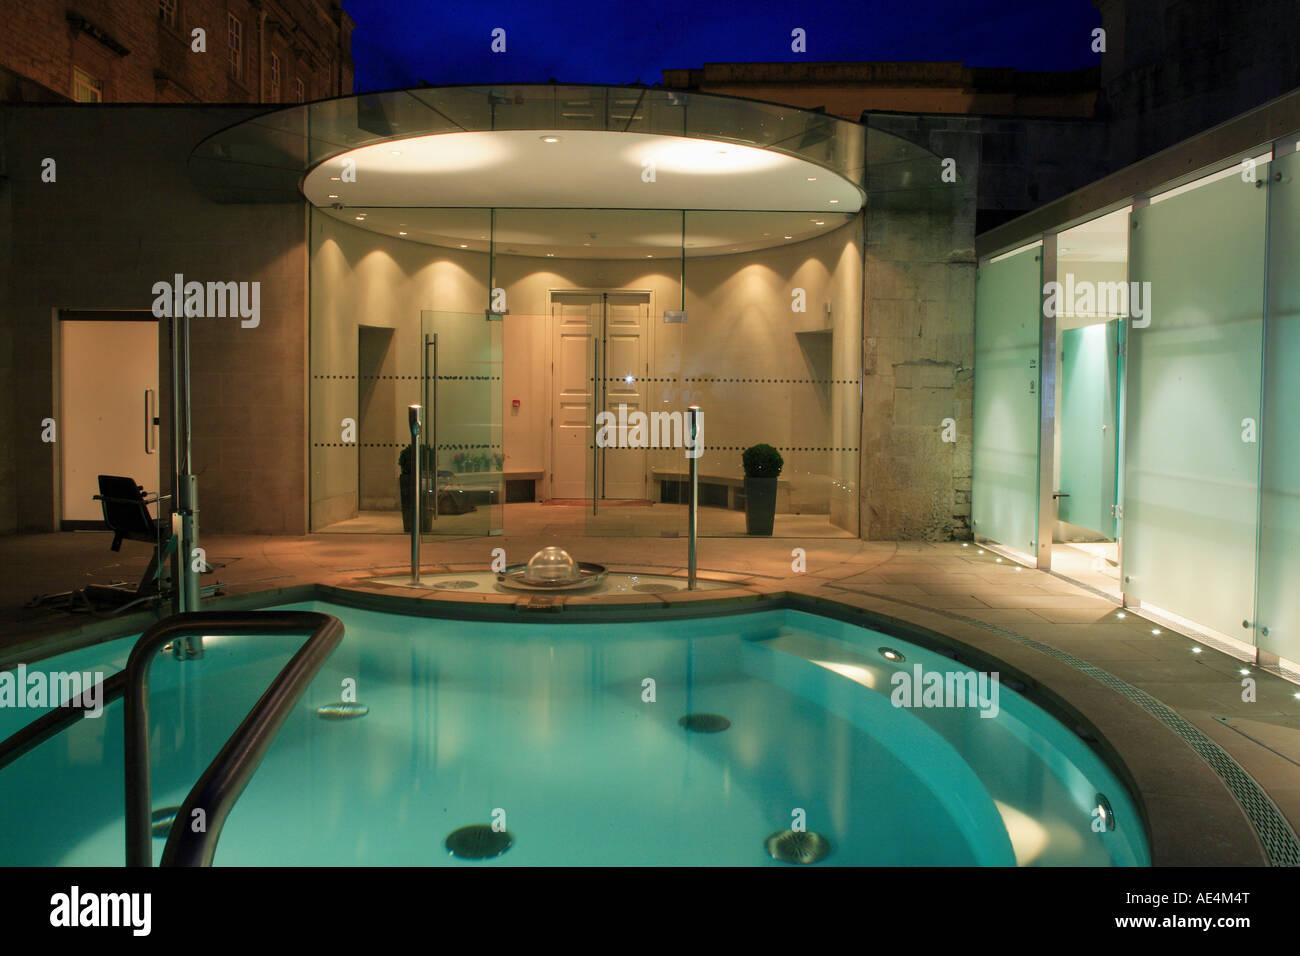 thermae bath spa Showtheme installs led lighting at thermae bath spa - united kingdom.